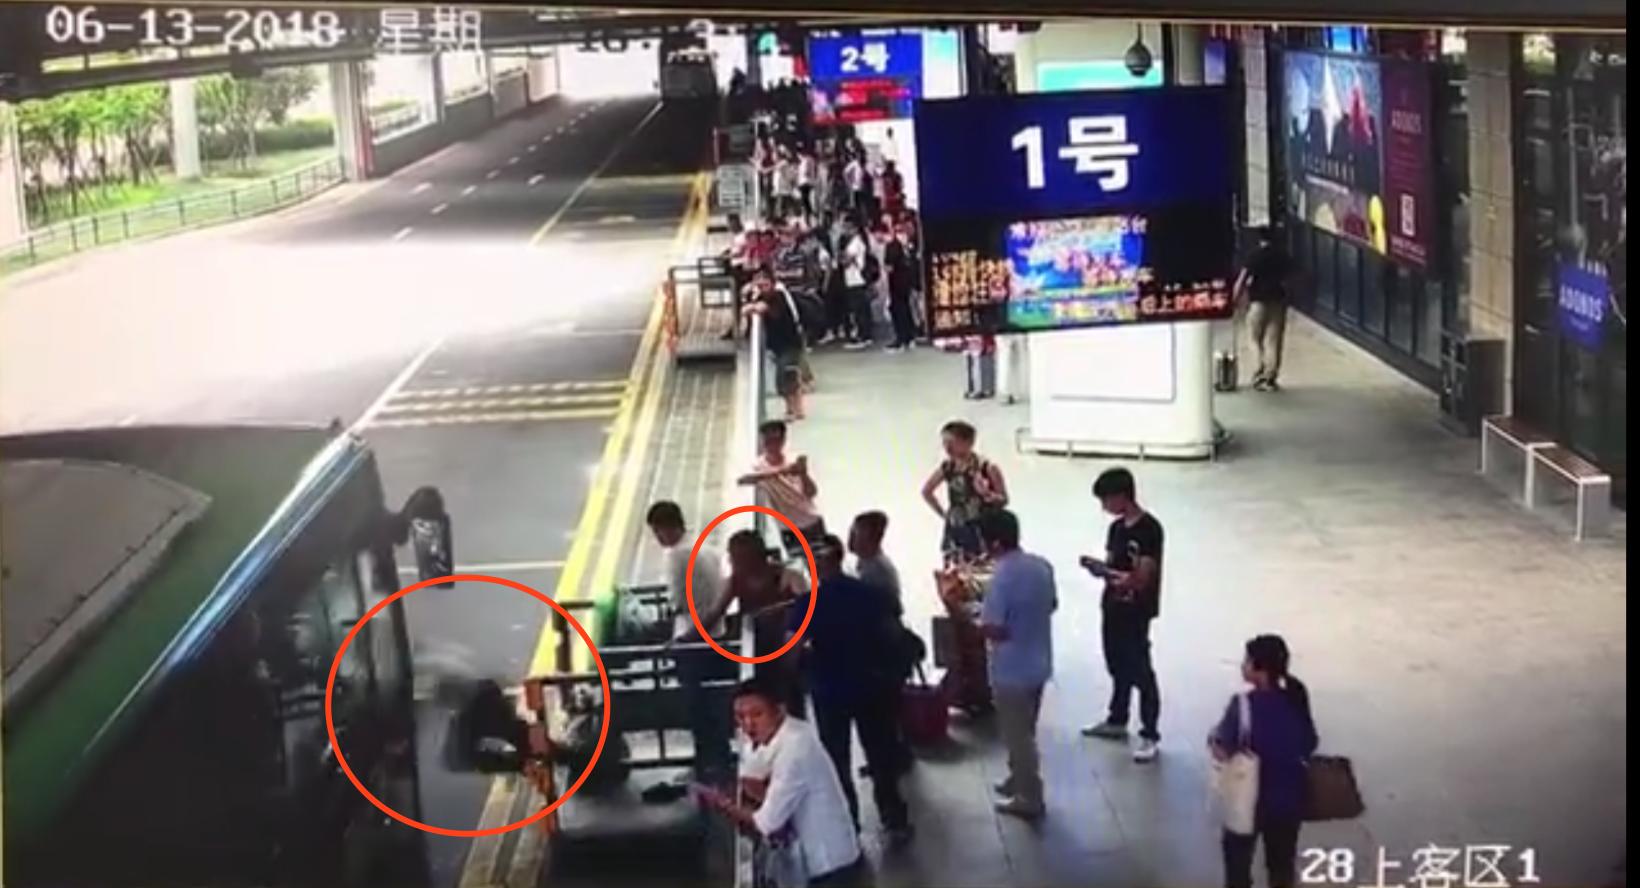 公交进站瞬间,一须眉将前线候车白叟踹下站台。监控截图